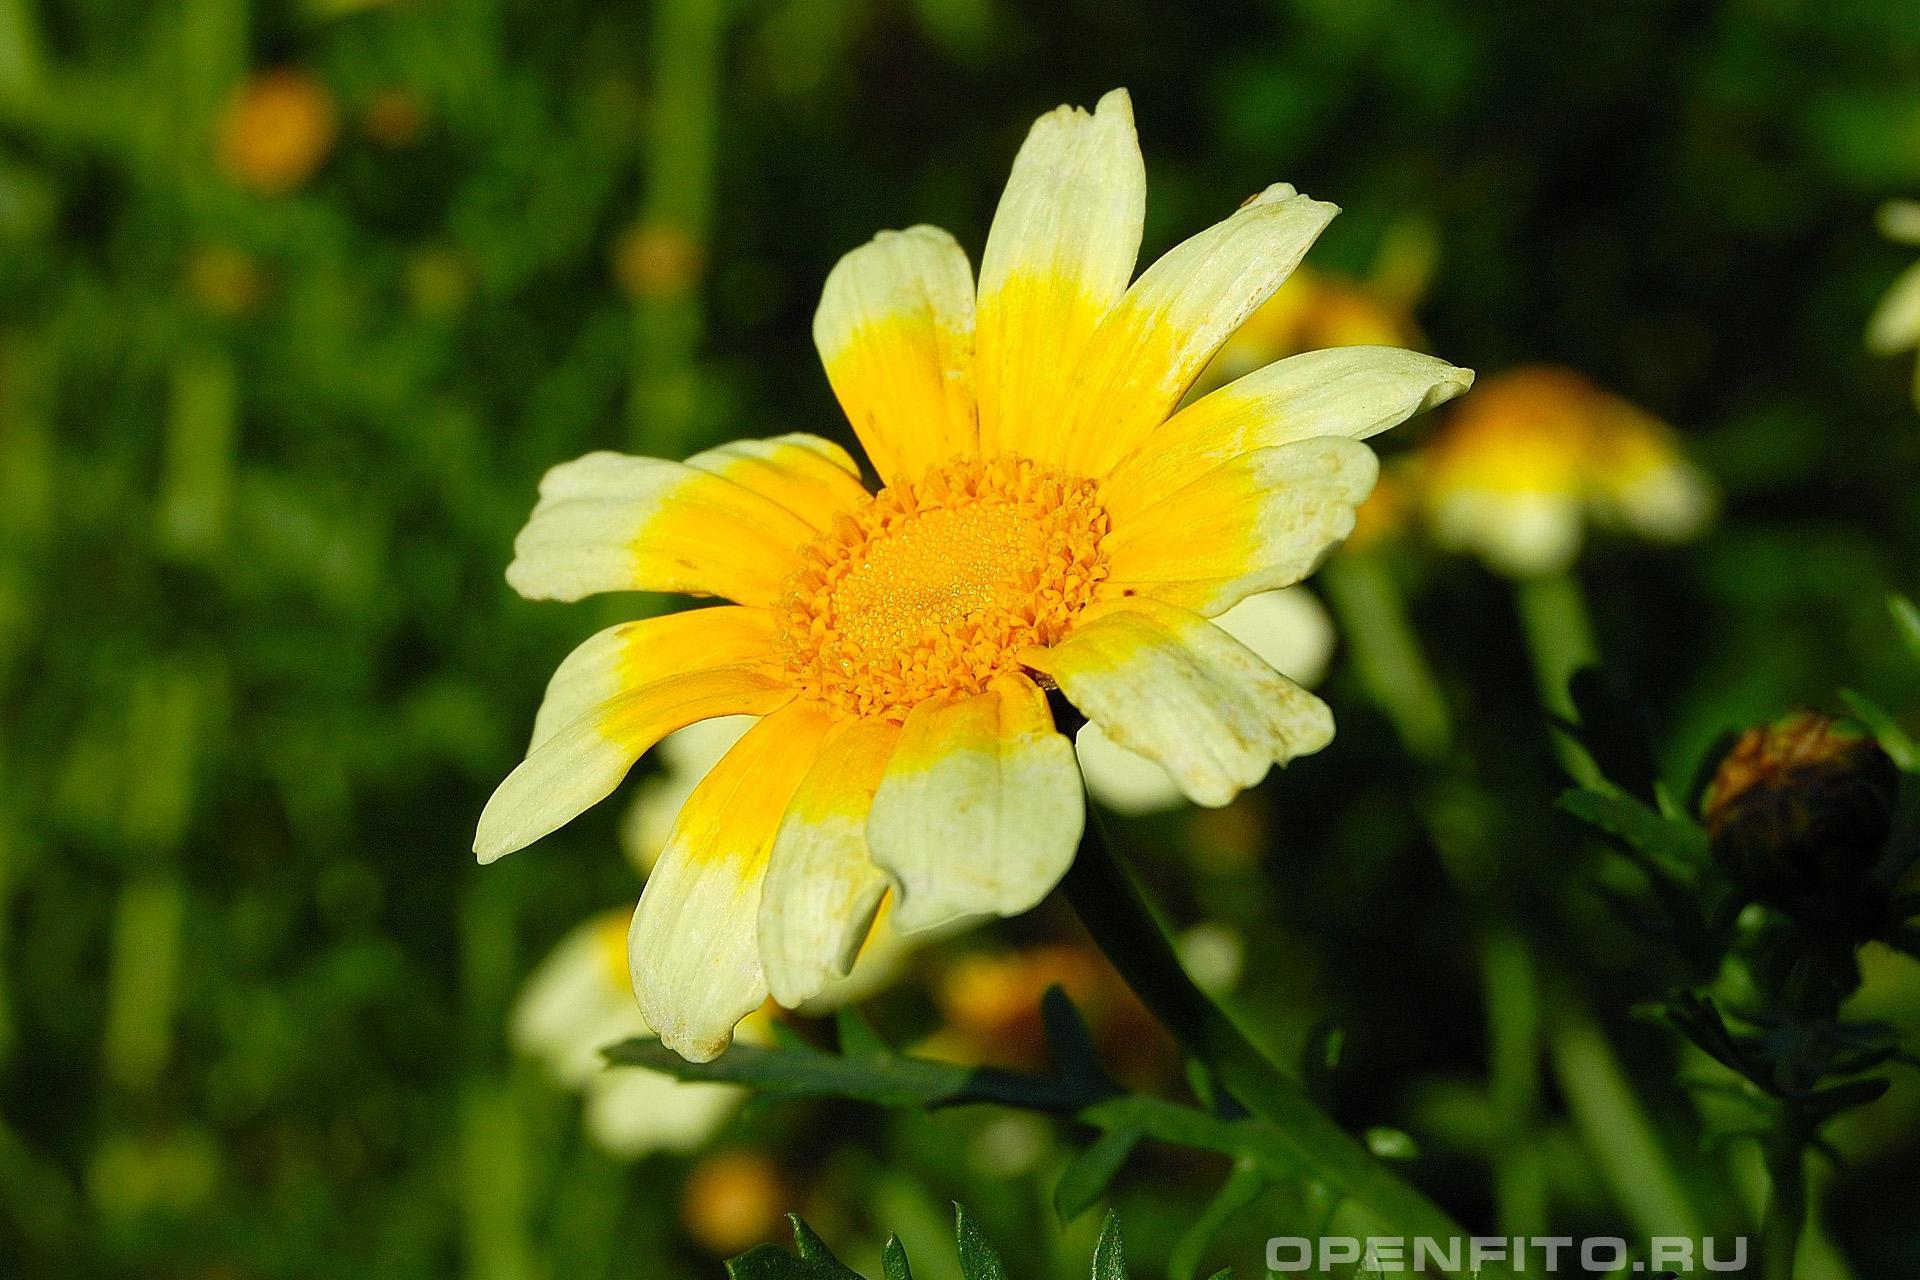 Златоцвет увенчаный или хризантема обыкновенная